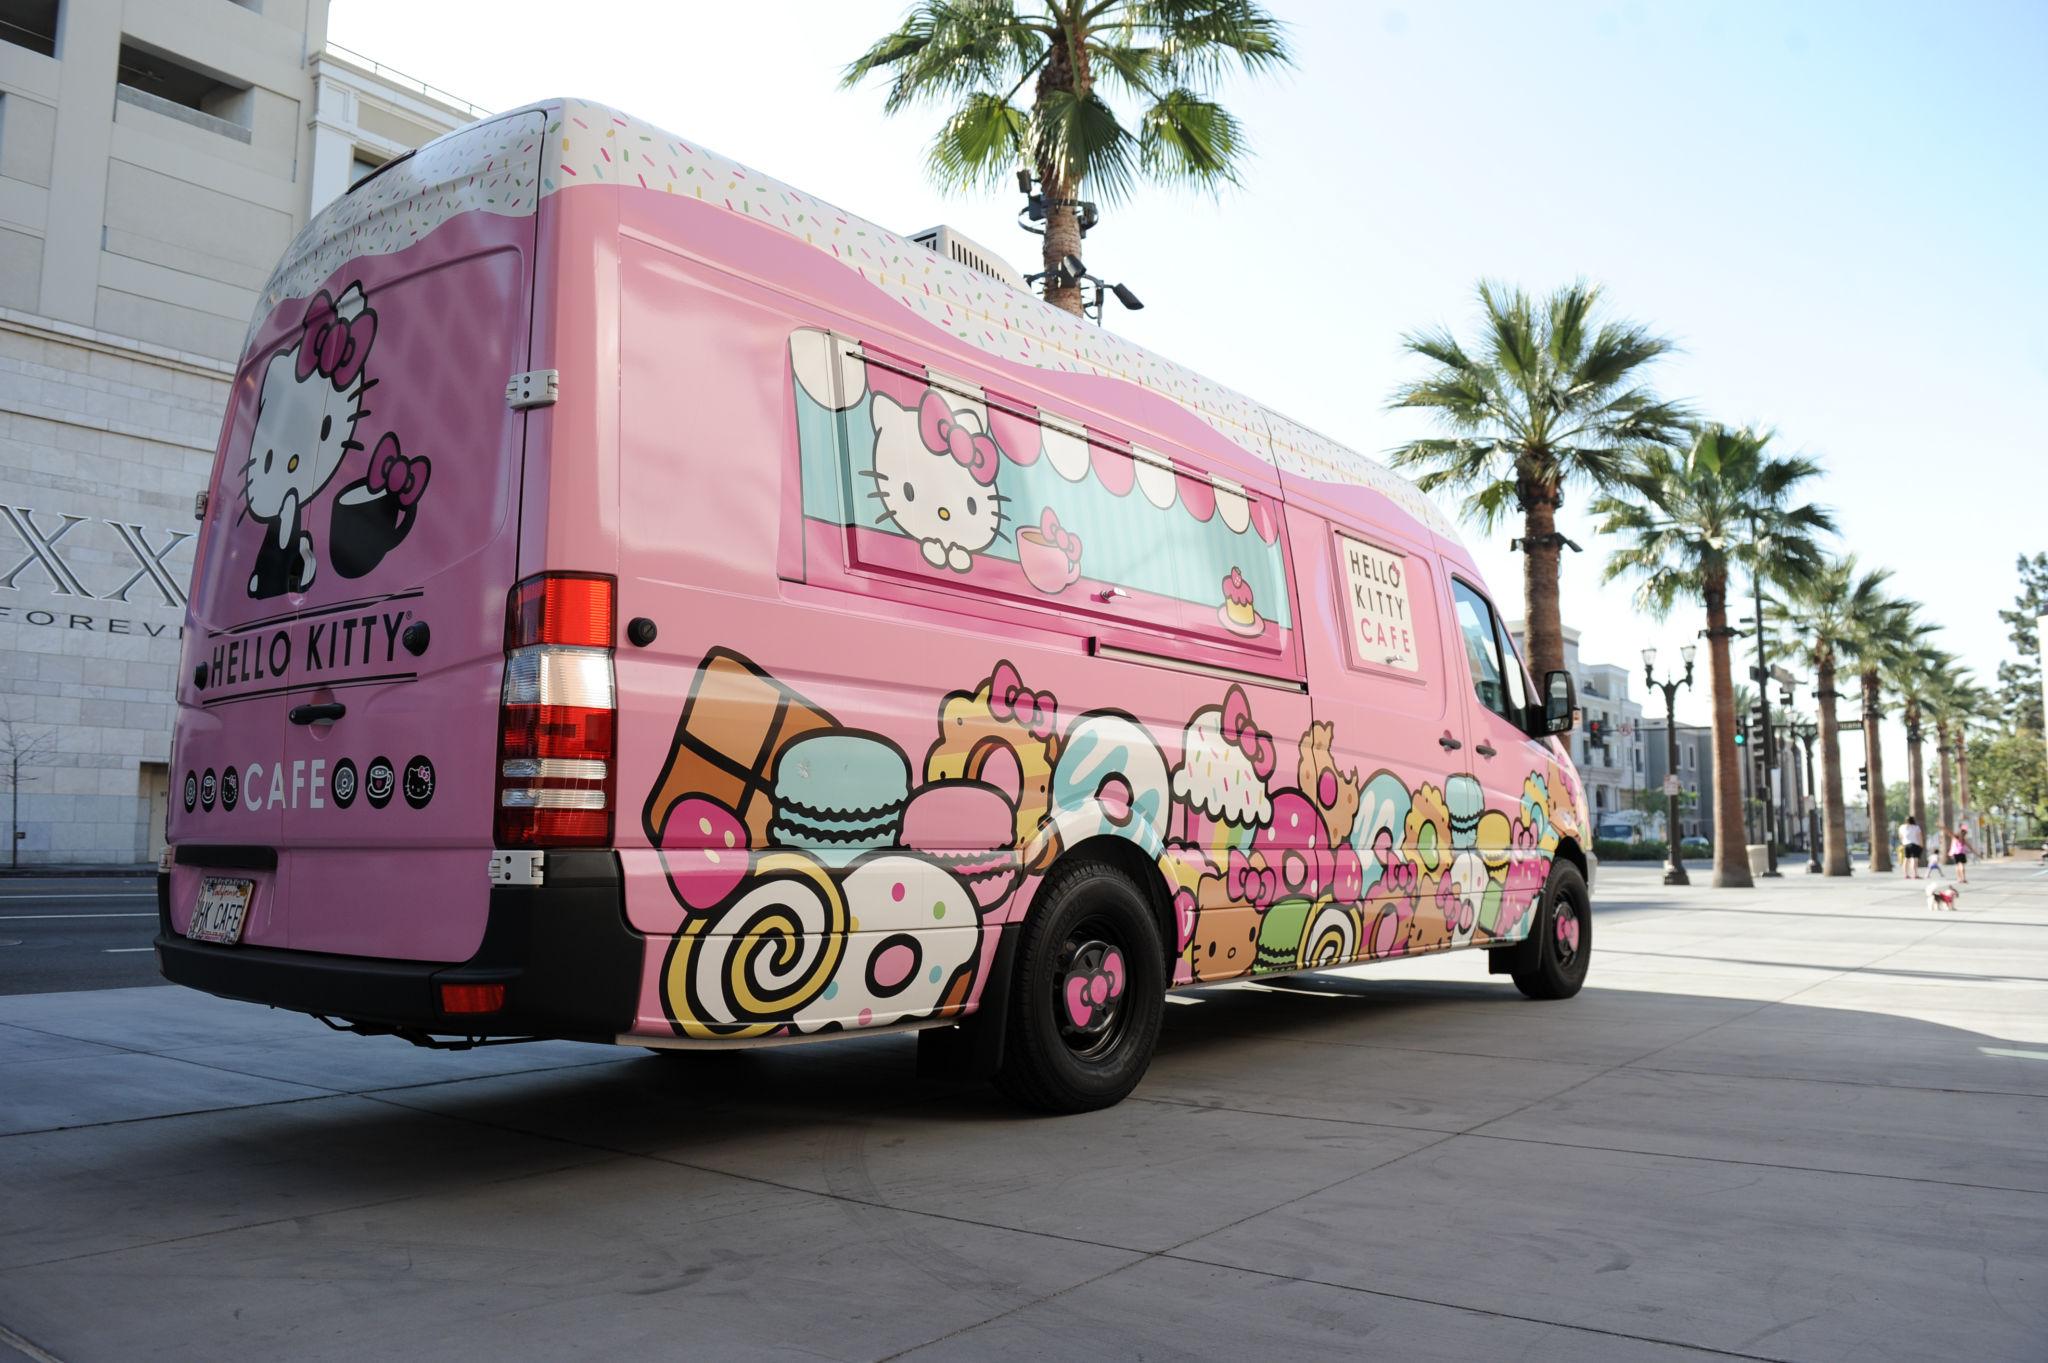 Hello Kitty Cafe Truck - Atlanta